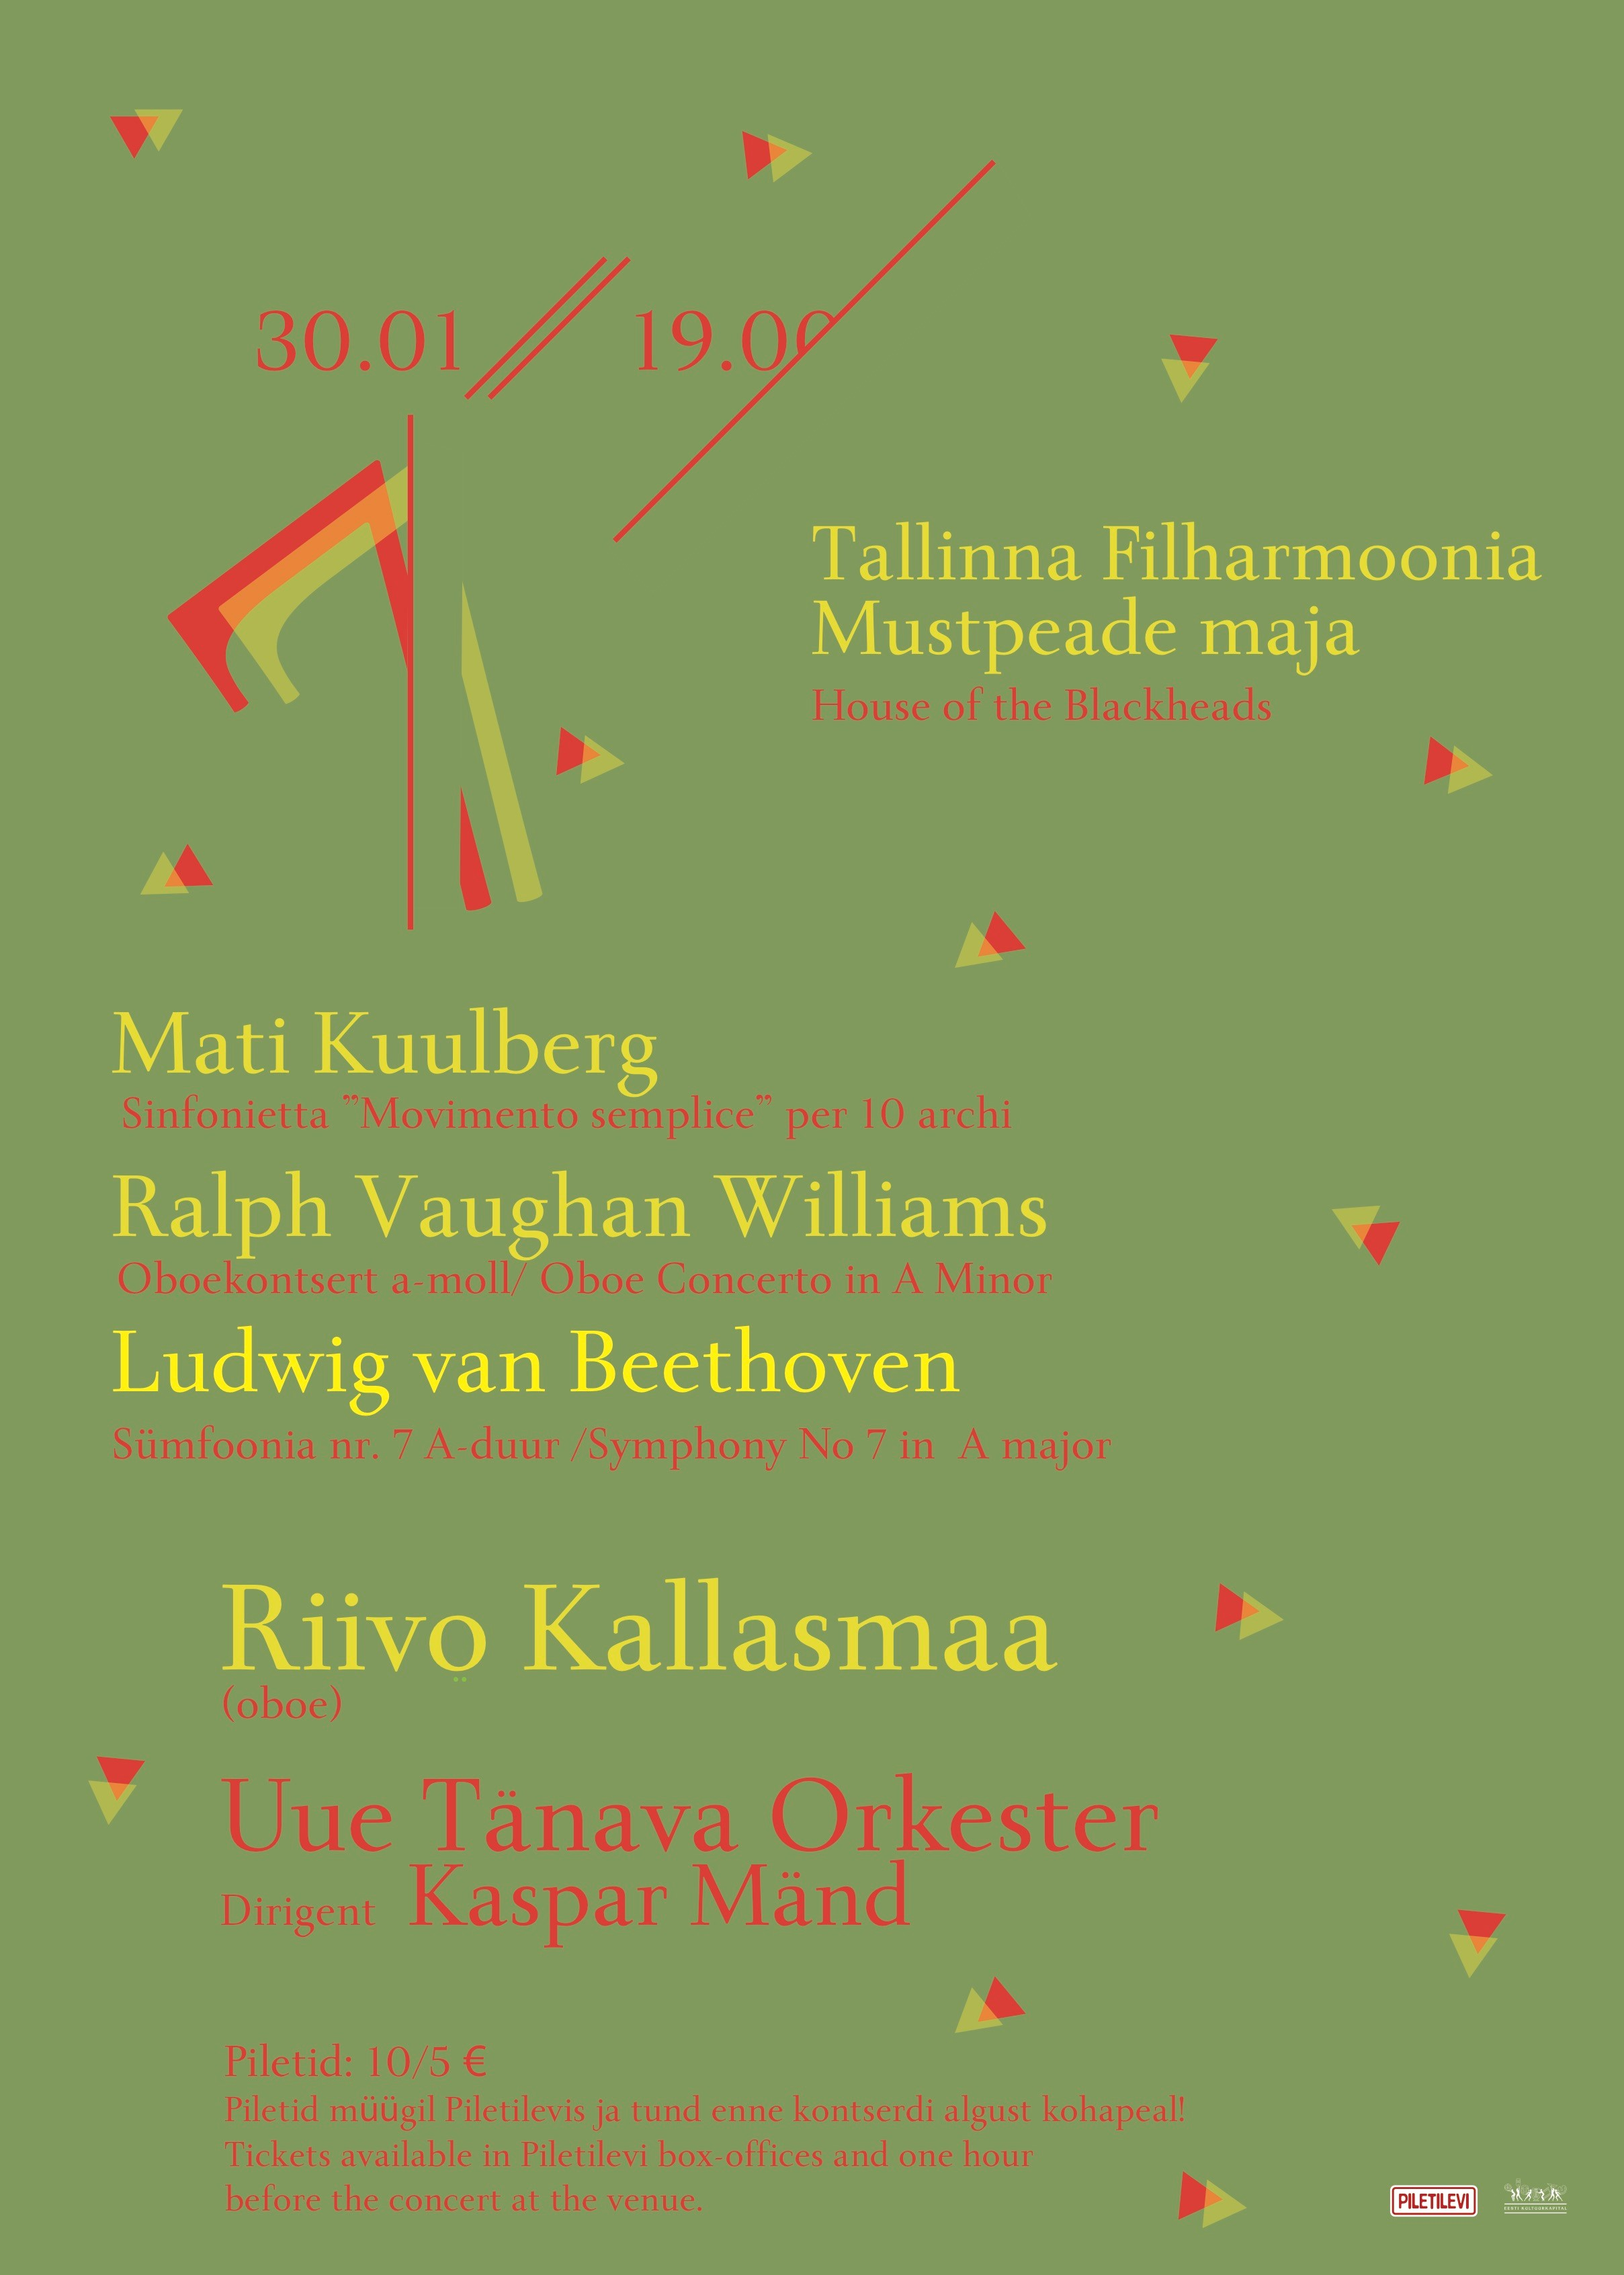 Riivo Kallasmaa (oboe), Uue Tänava Orkester, dirigent Kaspar Mänd